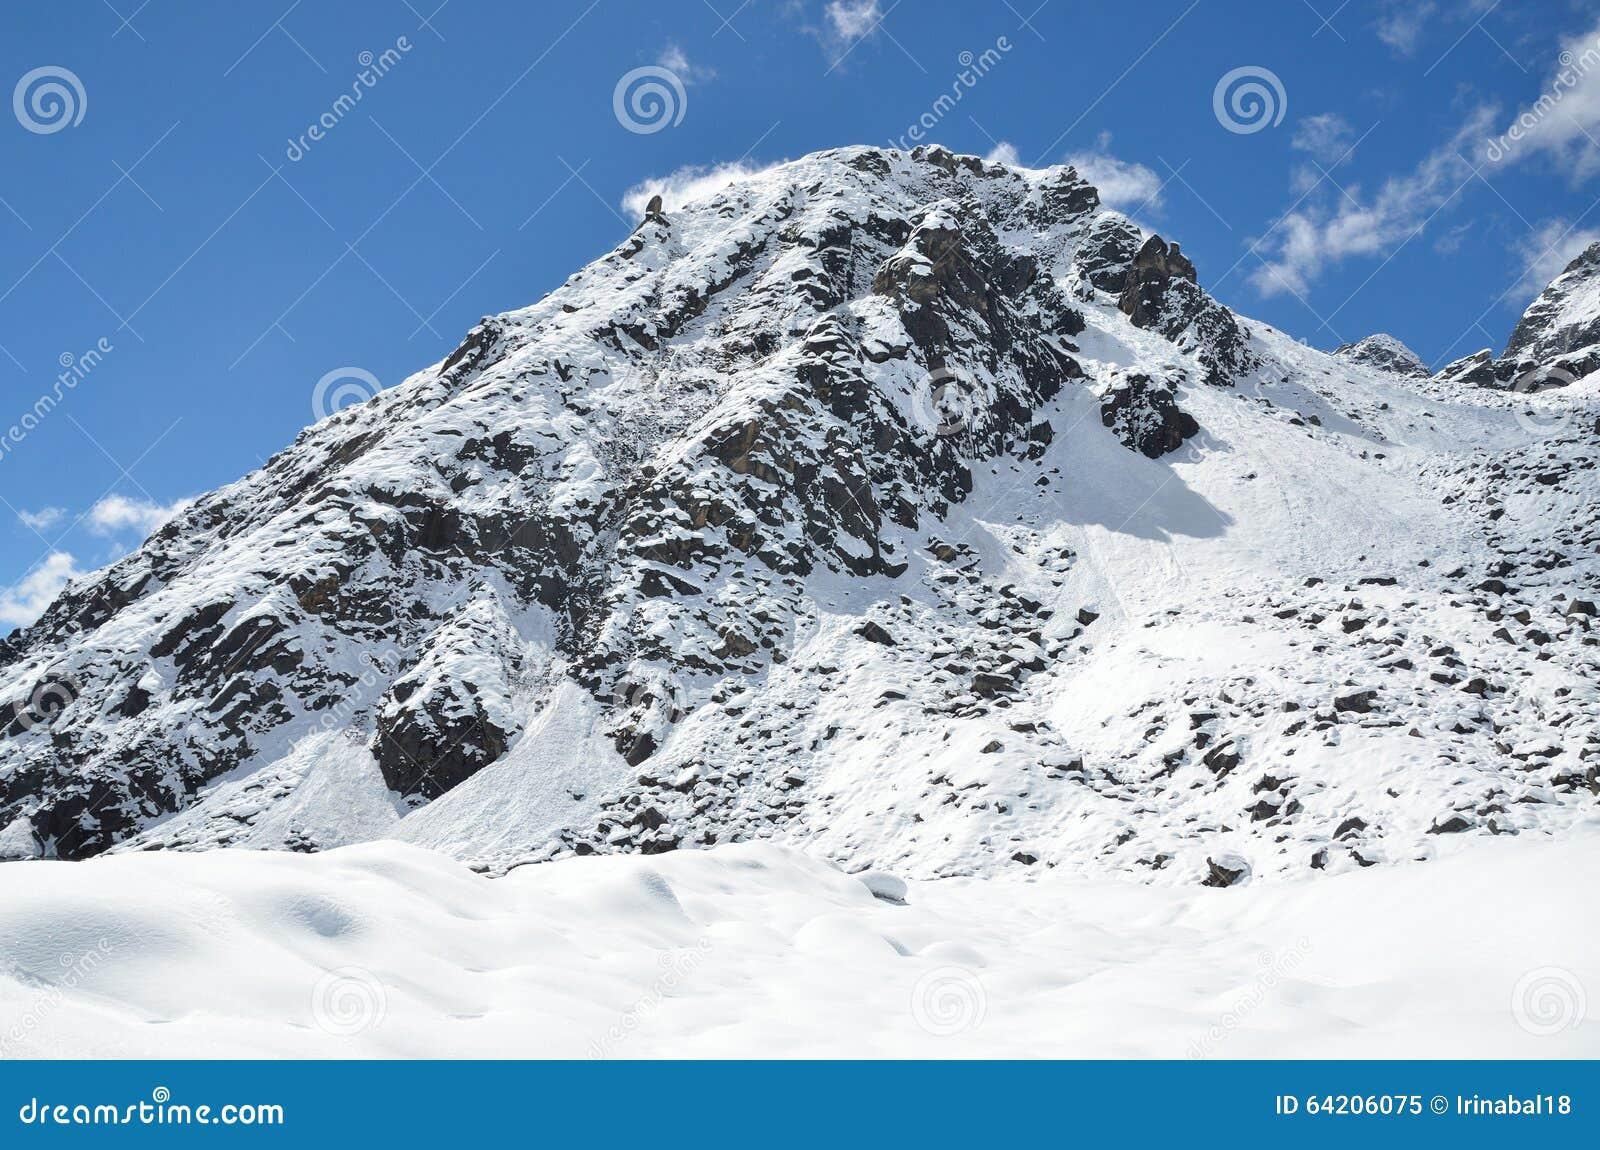 Nepal, emigrando en Himalaya, paisaje de la montaña cerca del pueblo de Machermo, 4500 metros sobre nivel del mar